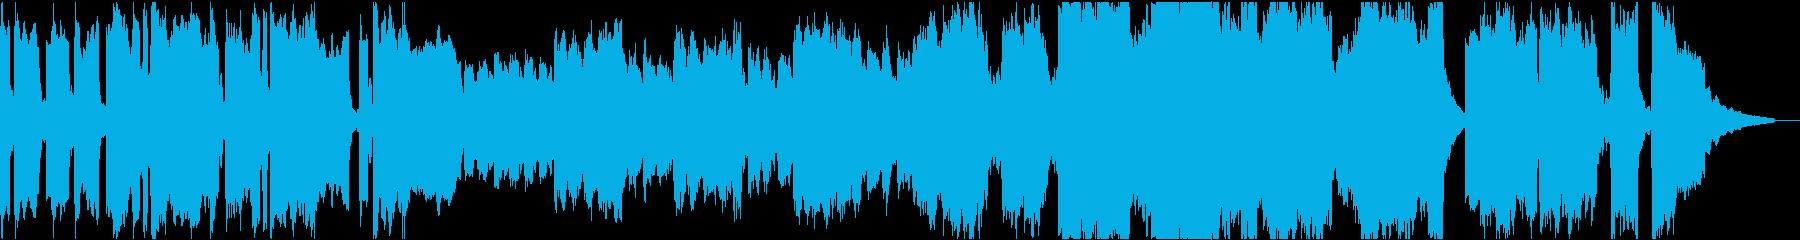 ムソルグスキー 組曲「展覧会の絵」 6の再生済みの波形